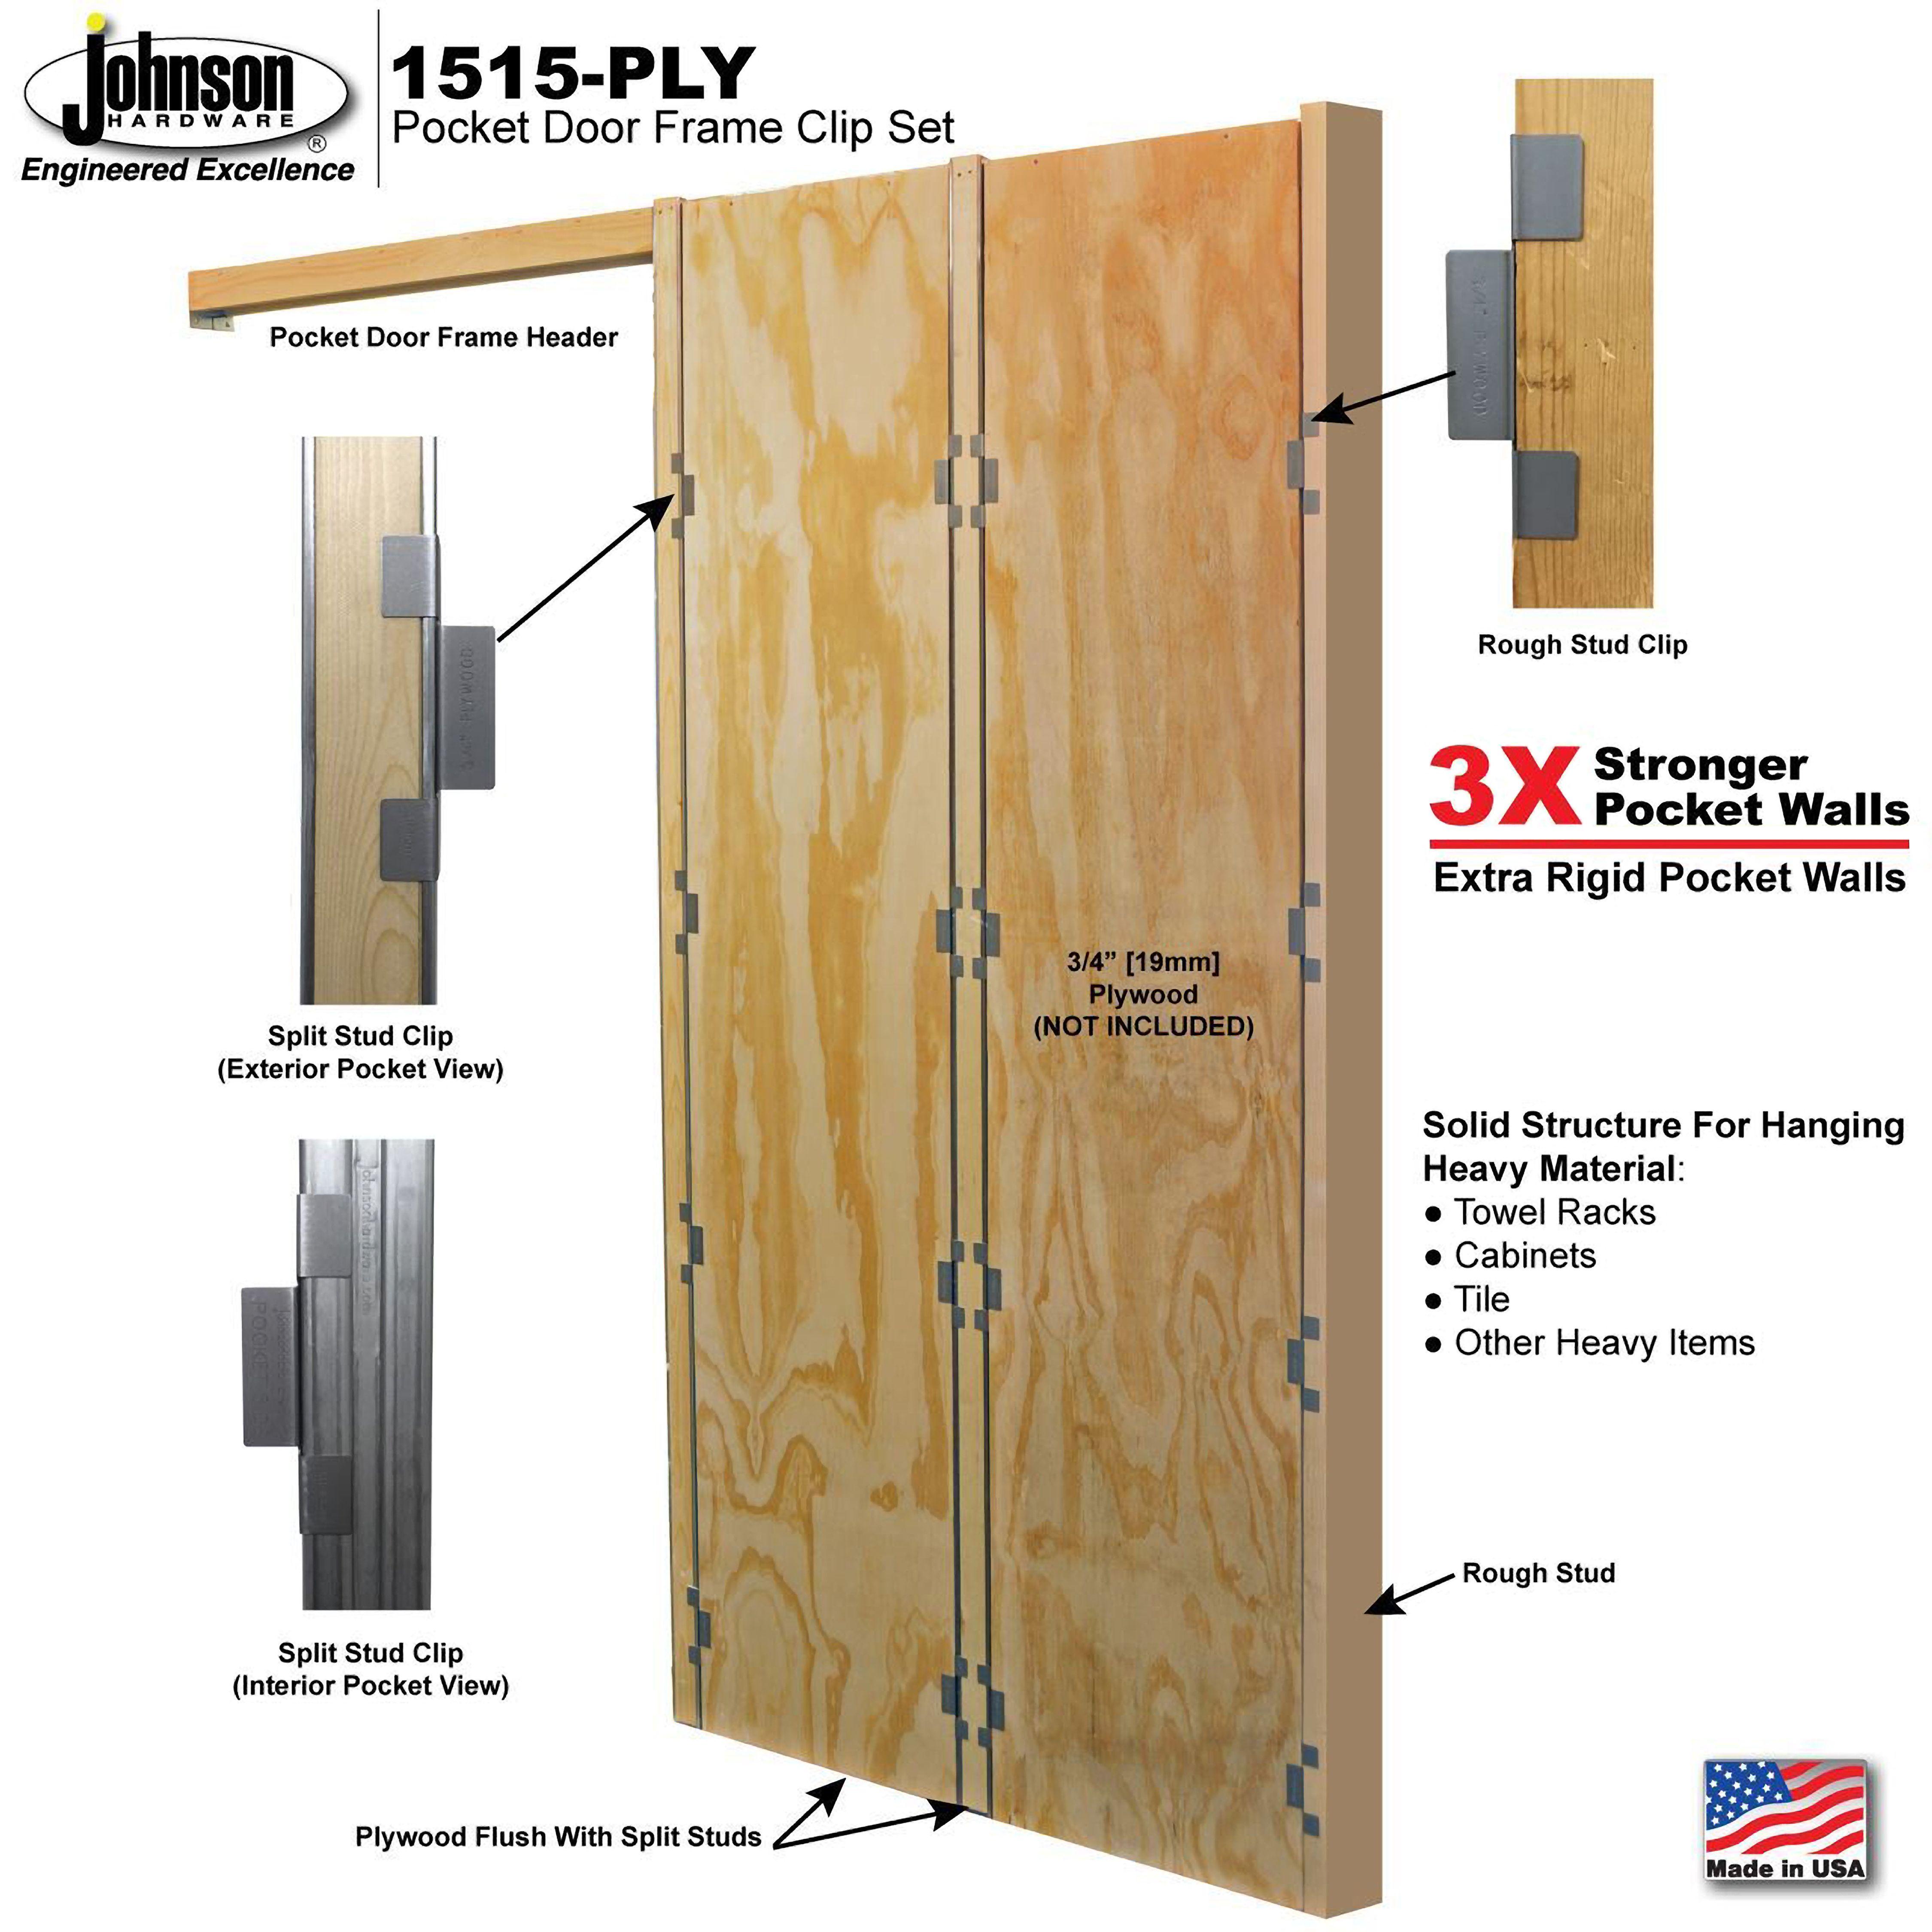 1515 Ply Pocket Door Frame Plywood Clip Set Pocket Door Frame